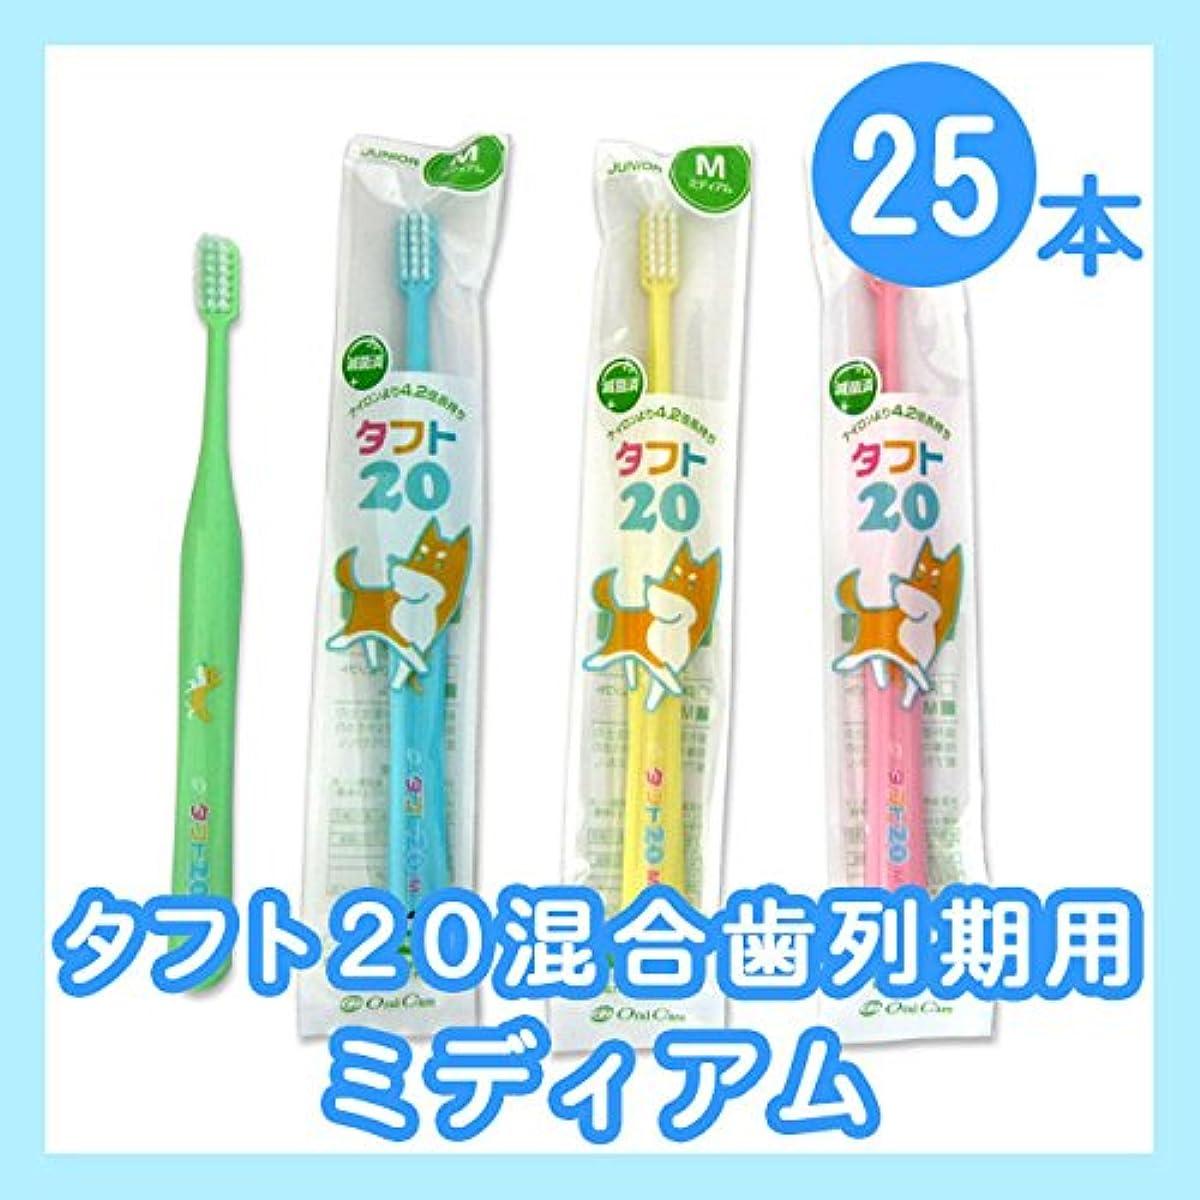 タフト20 【歯ブラシ タフト20/ミディアム 子供】25本 オーラルケア 混合歯列期用(6~12歳)こども歯ブラシ 25本セ ブルー